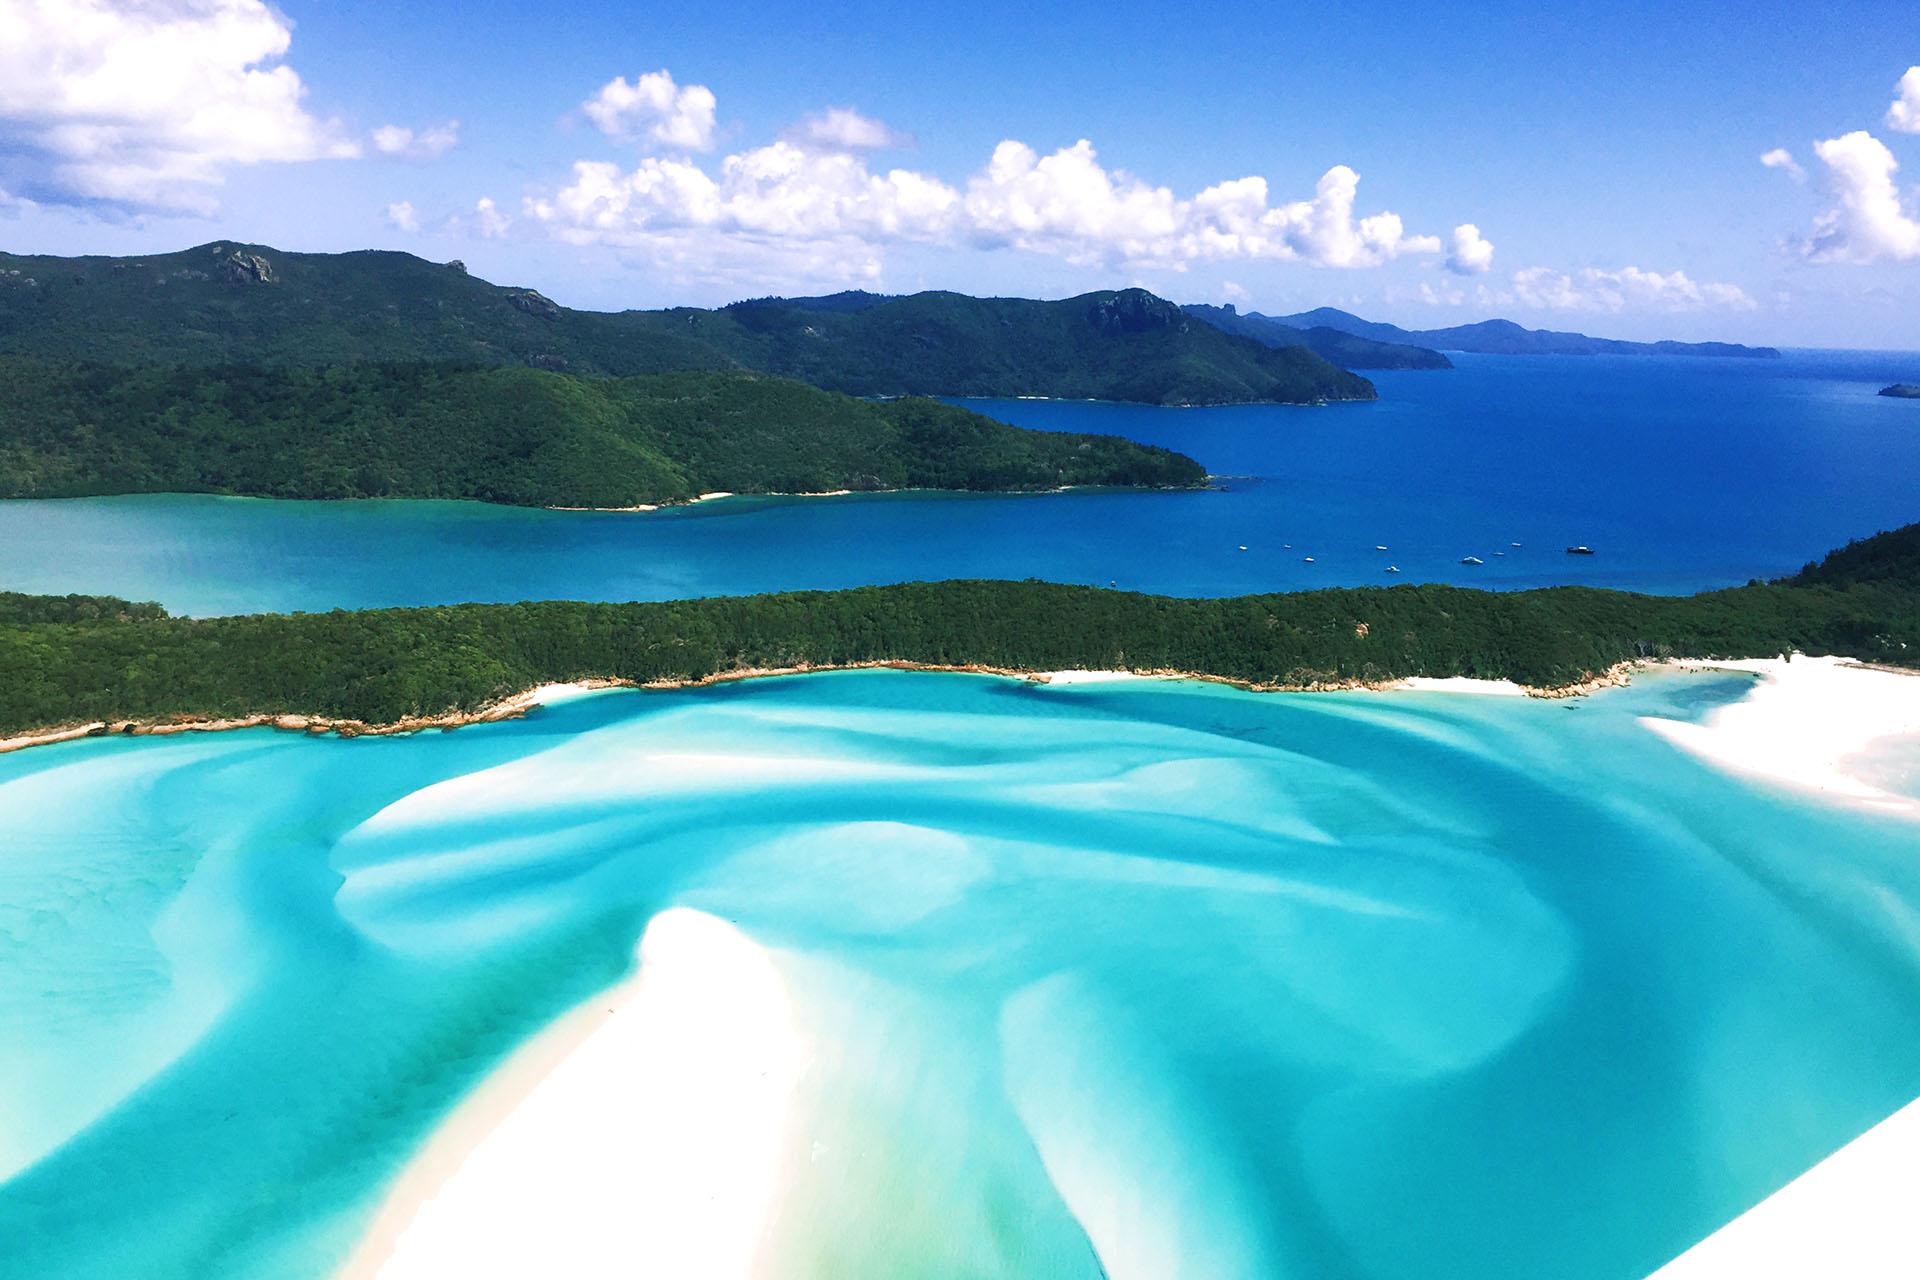 Whitehaven Beach se extiende por más de 7 km y cuenta con arena blanca brillante que se encuentra entre las más puras del mundo. Está justo en el corazón de la Gran Barrera de Coral, y es una de las playas más vírgenes y hermosas del mundo